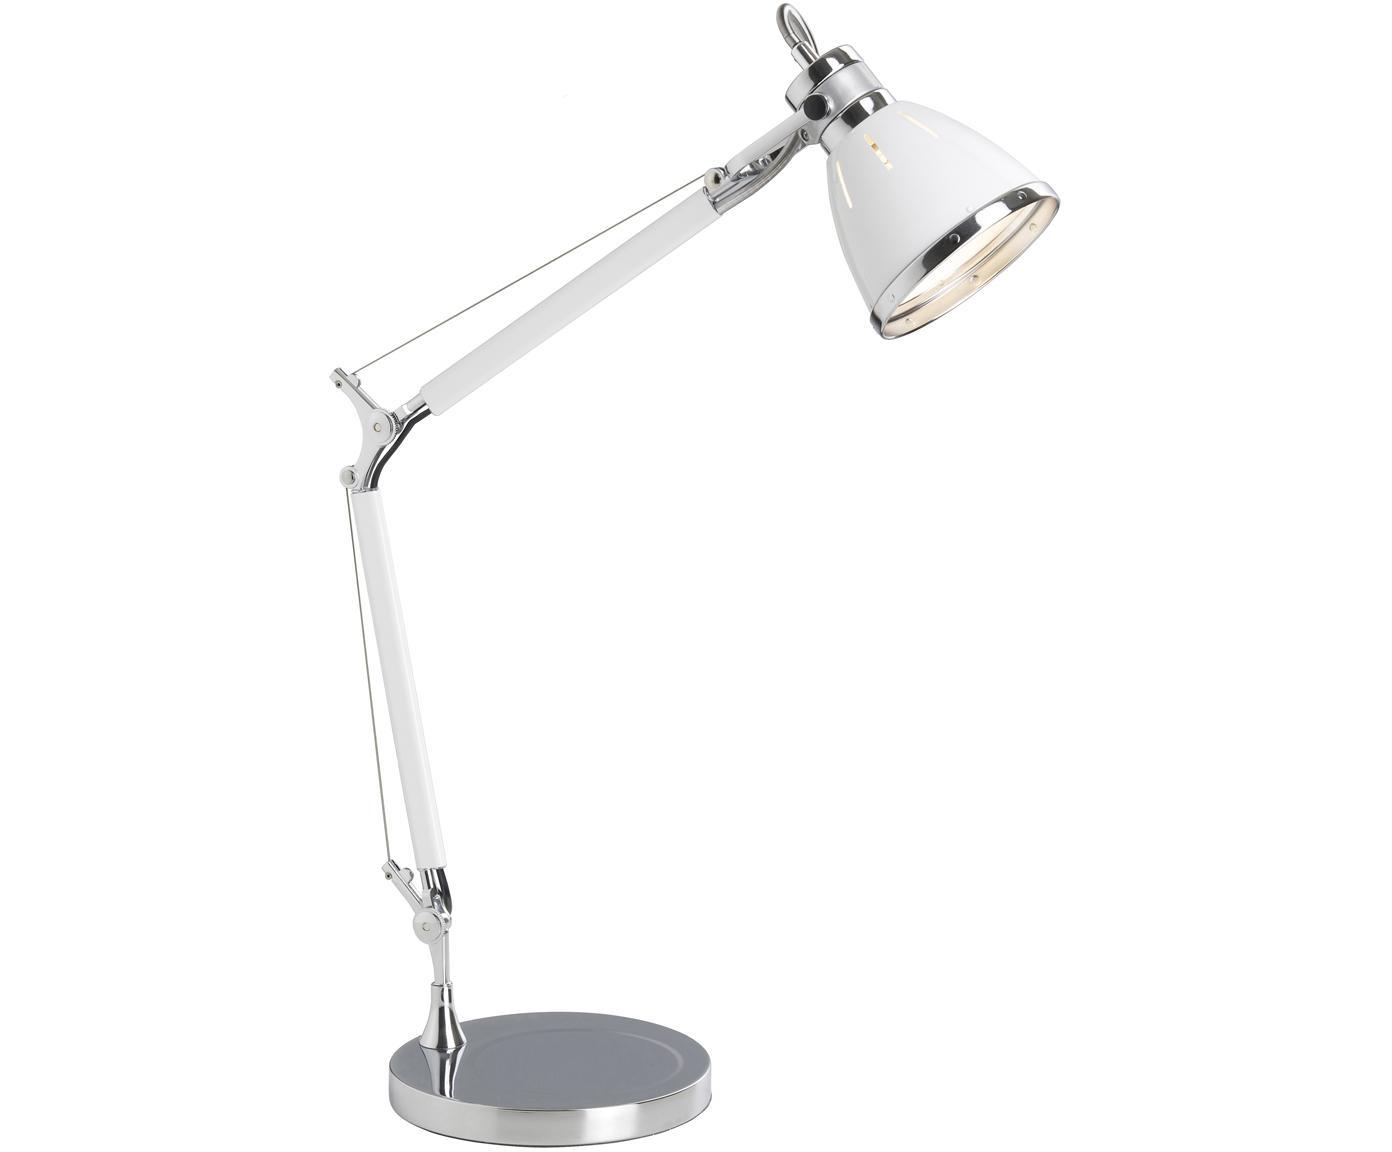 Tafellamp Octavia, Metaal, Wit, chroomkleurig, 21 x 50 cm